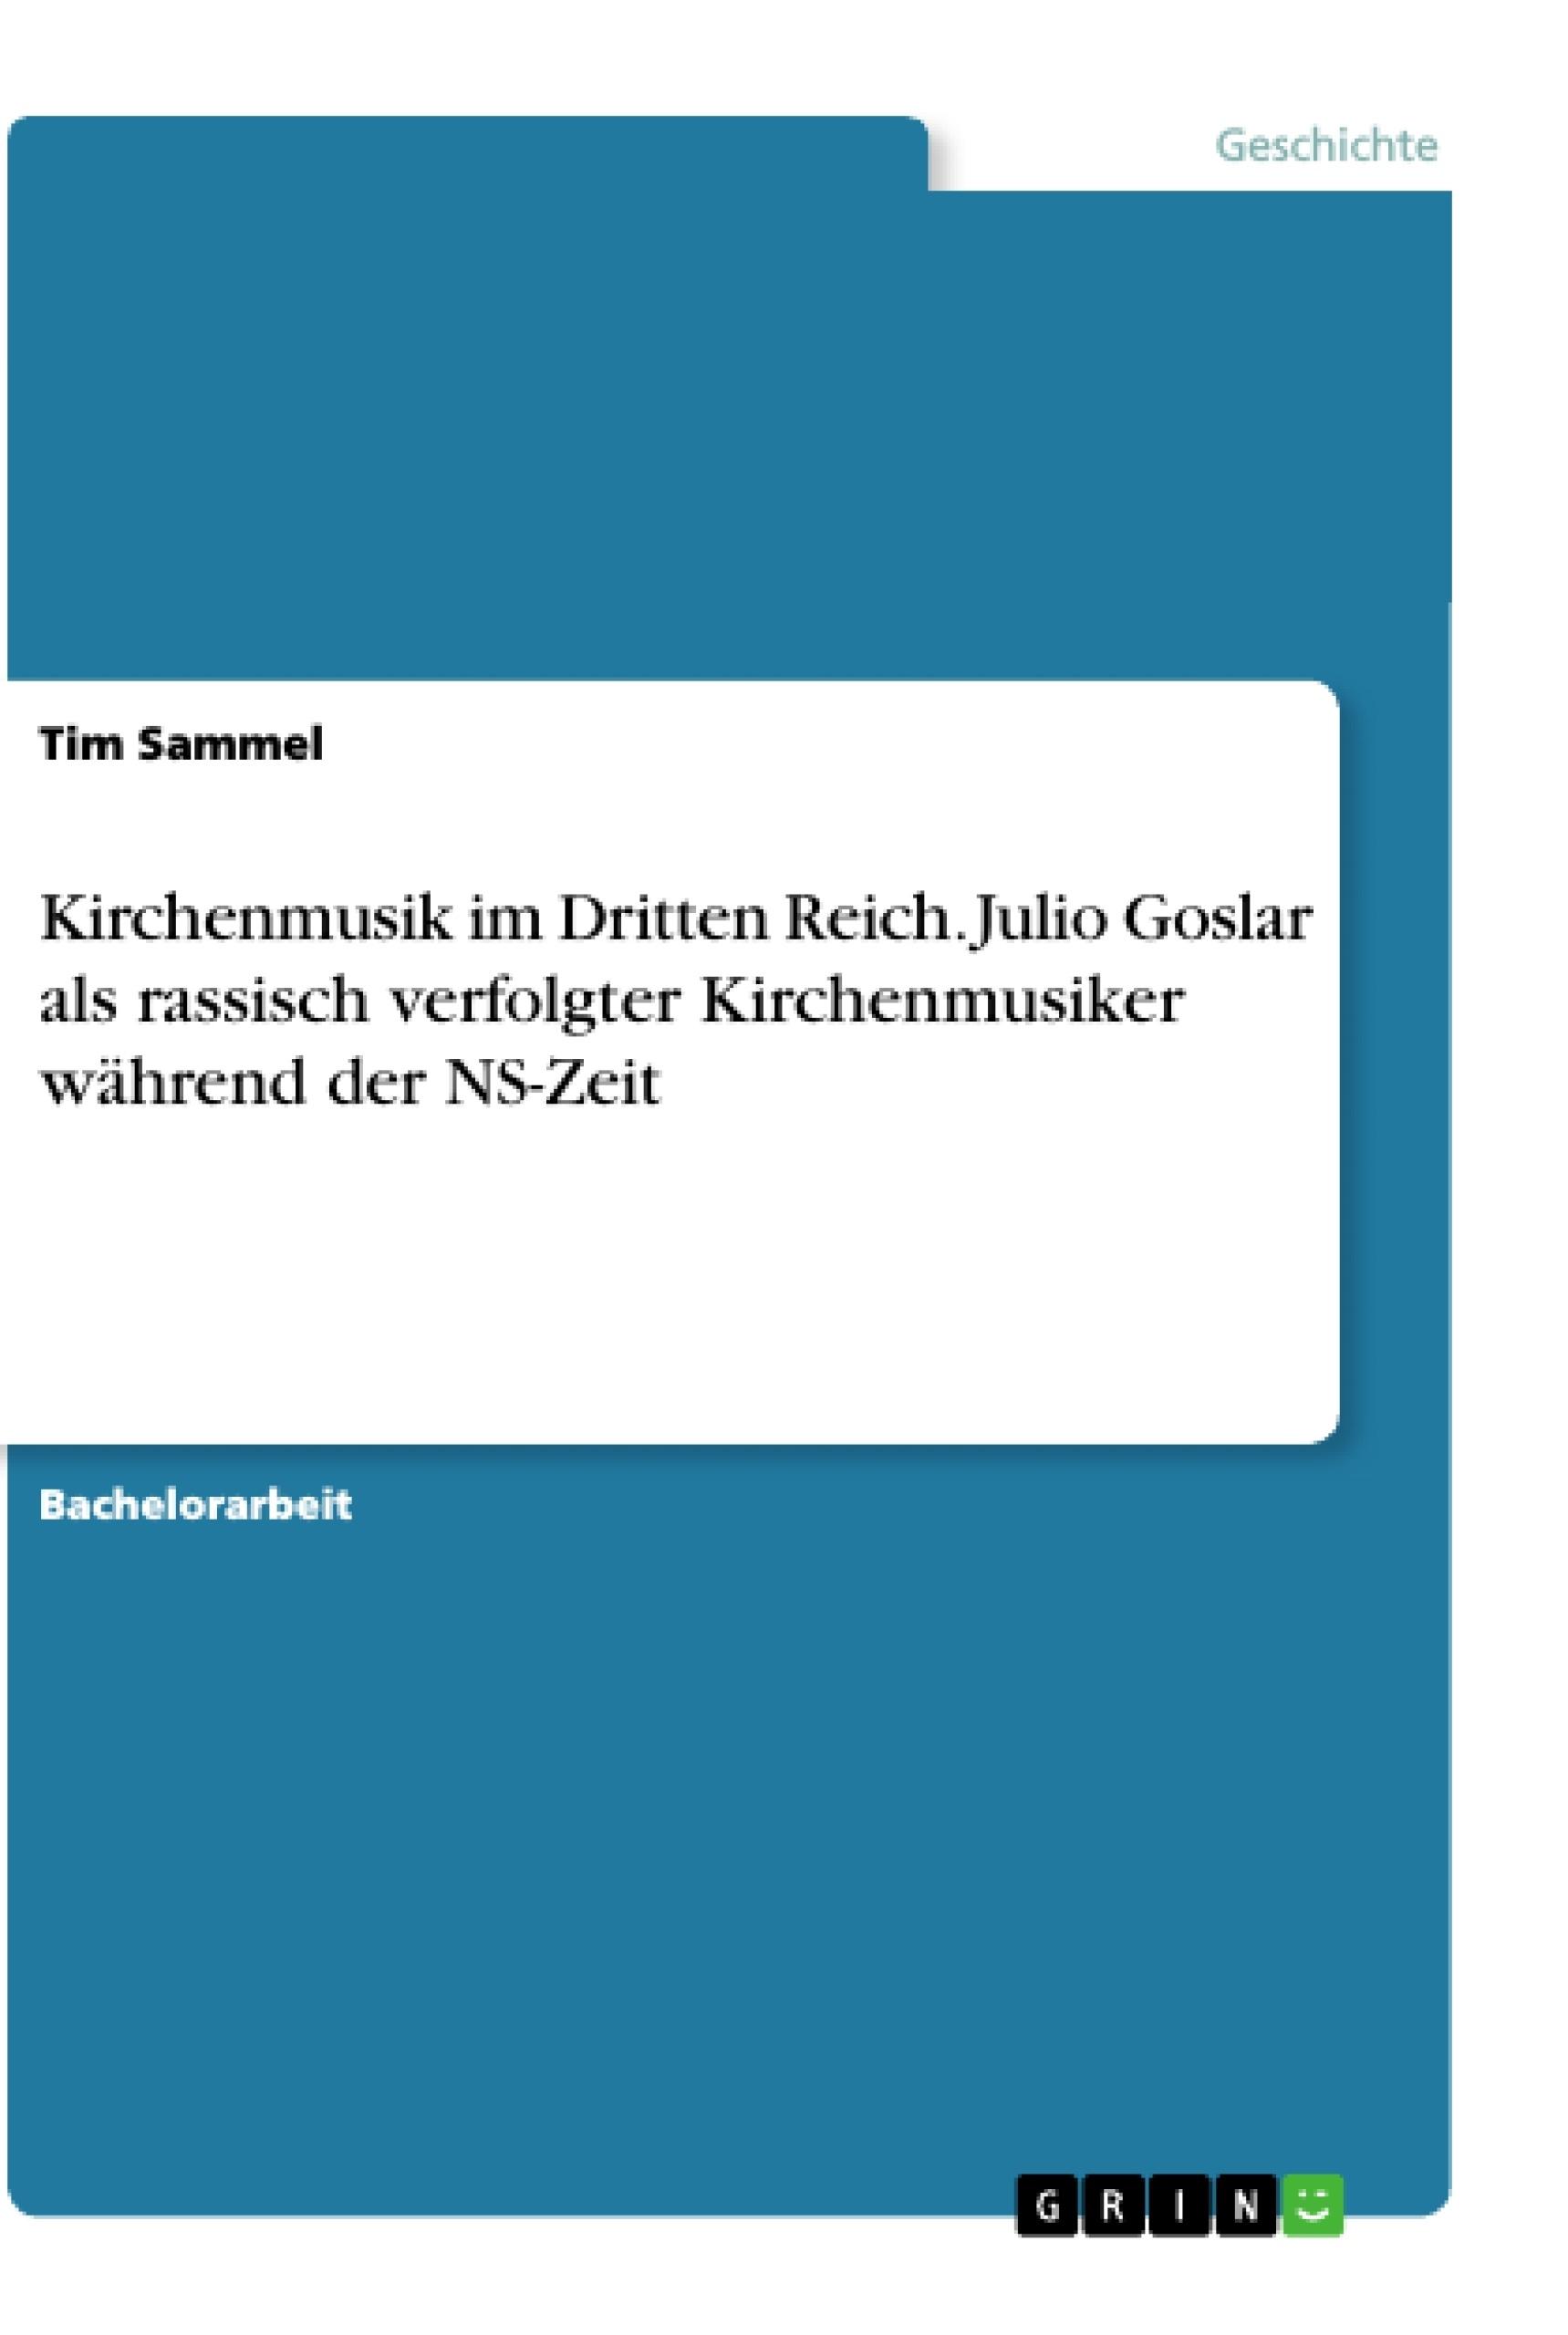 Titel: Kirchenmusik im Dritten Reich. Julio Goslar als rassisch verfolgter Kirchenmusiker während der NS-Zeit